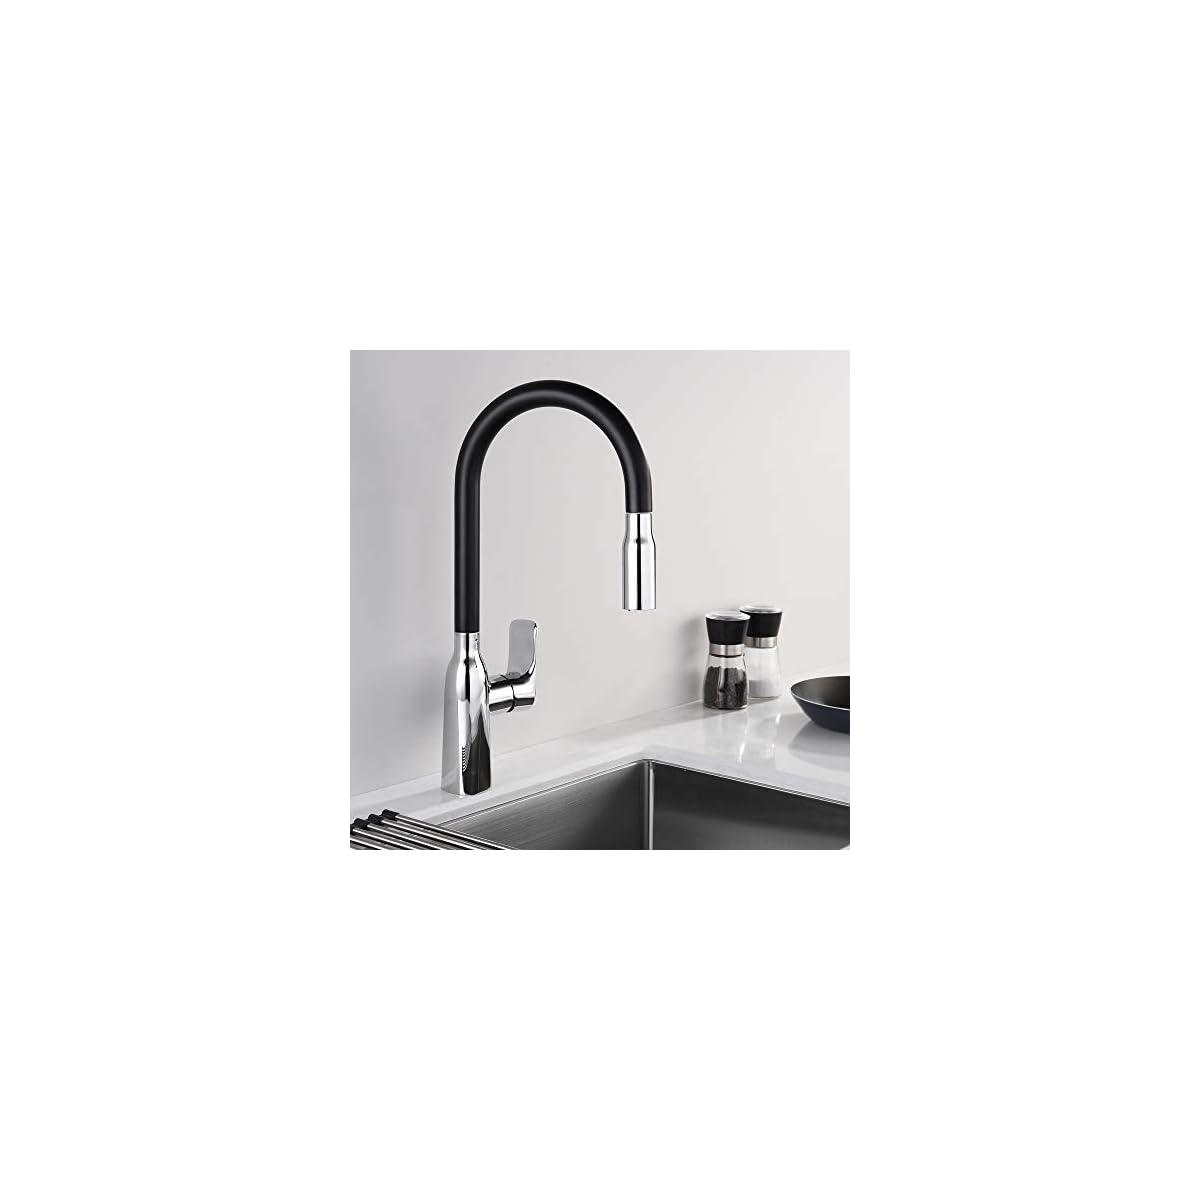 41Oi22mPwbL. SS1200  - Homelody Grifo de Cocina Extraíble Color Negro con Aireador Desmontable Grifo para Fregadero de Cocina con Diseño Moderno Giratorio a 360°